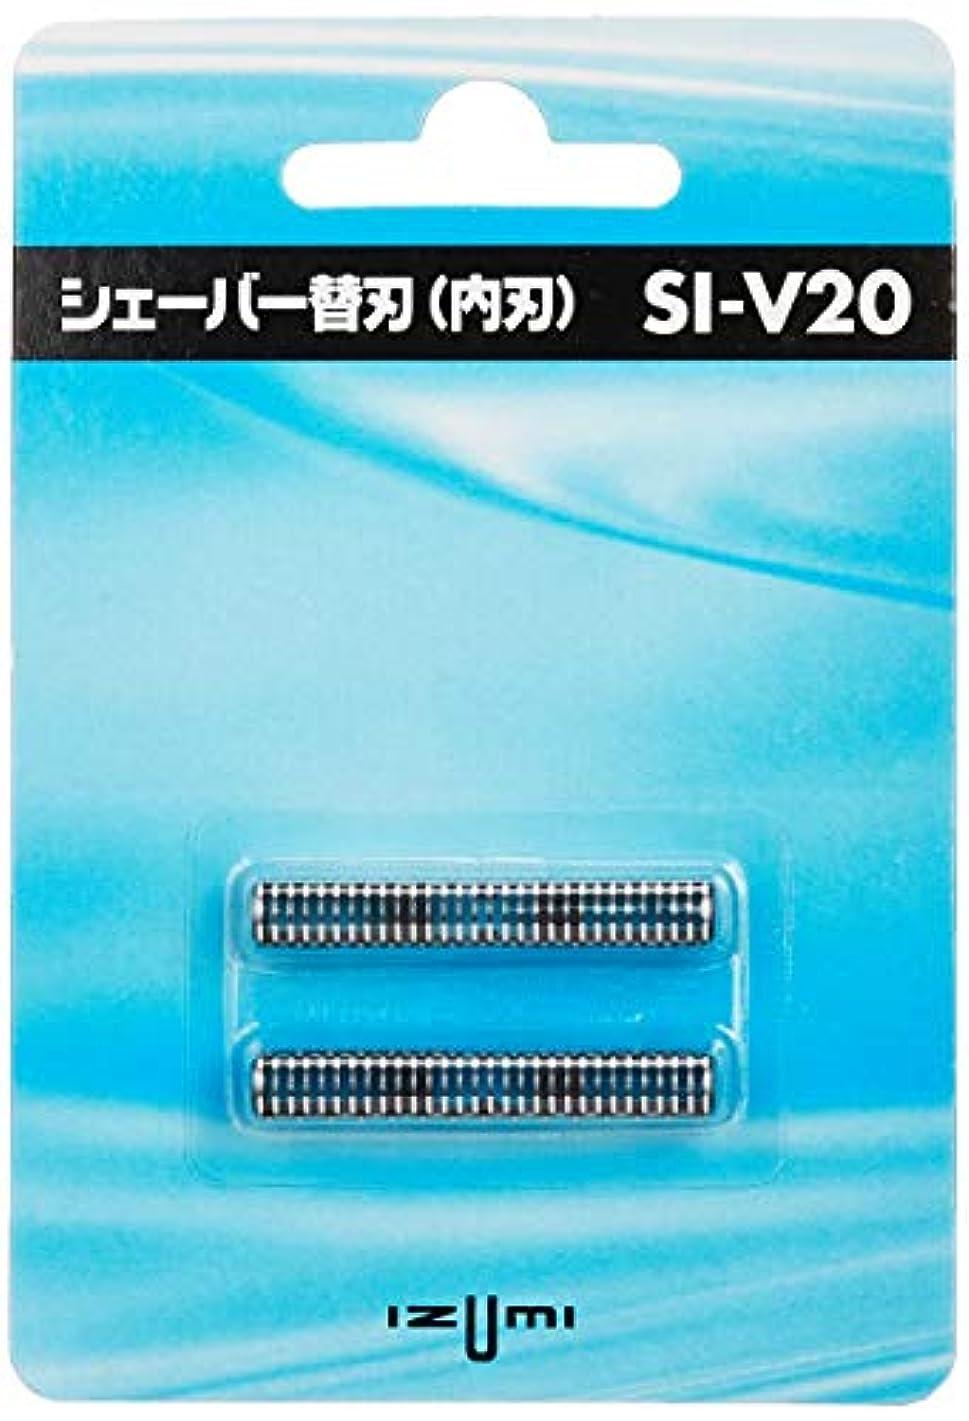 文庫本発信コピーIZUMI シェーバー用替刃(内刃) SI-V20